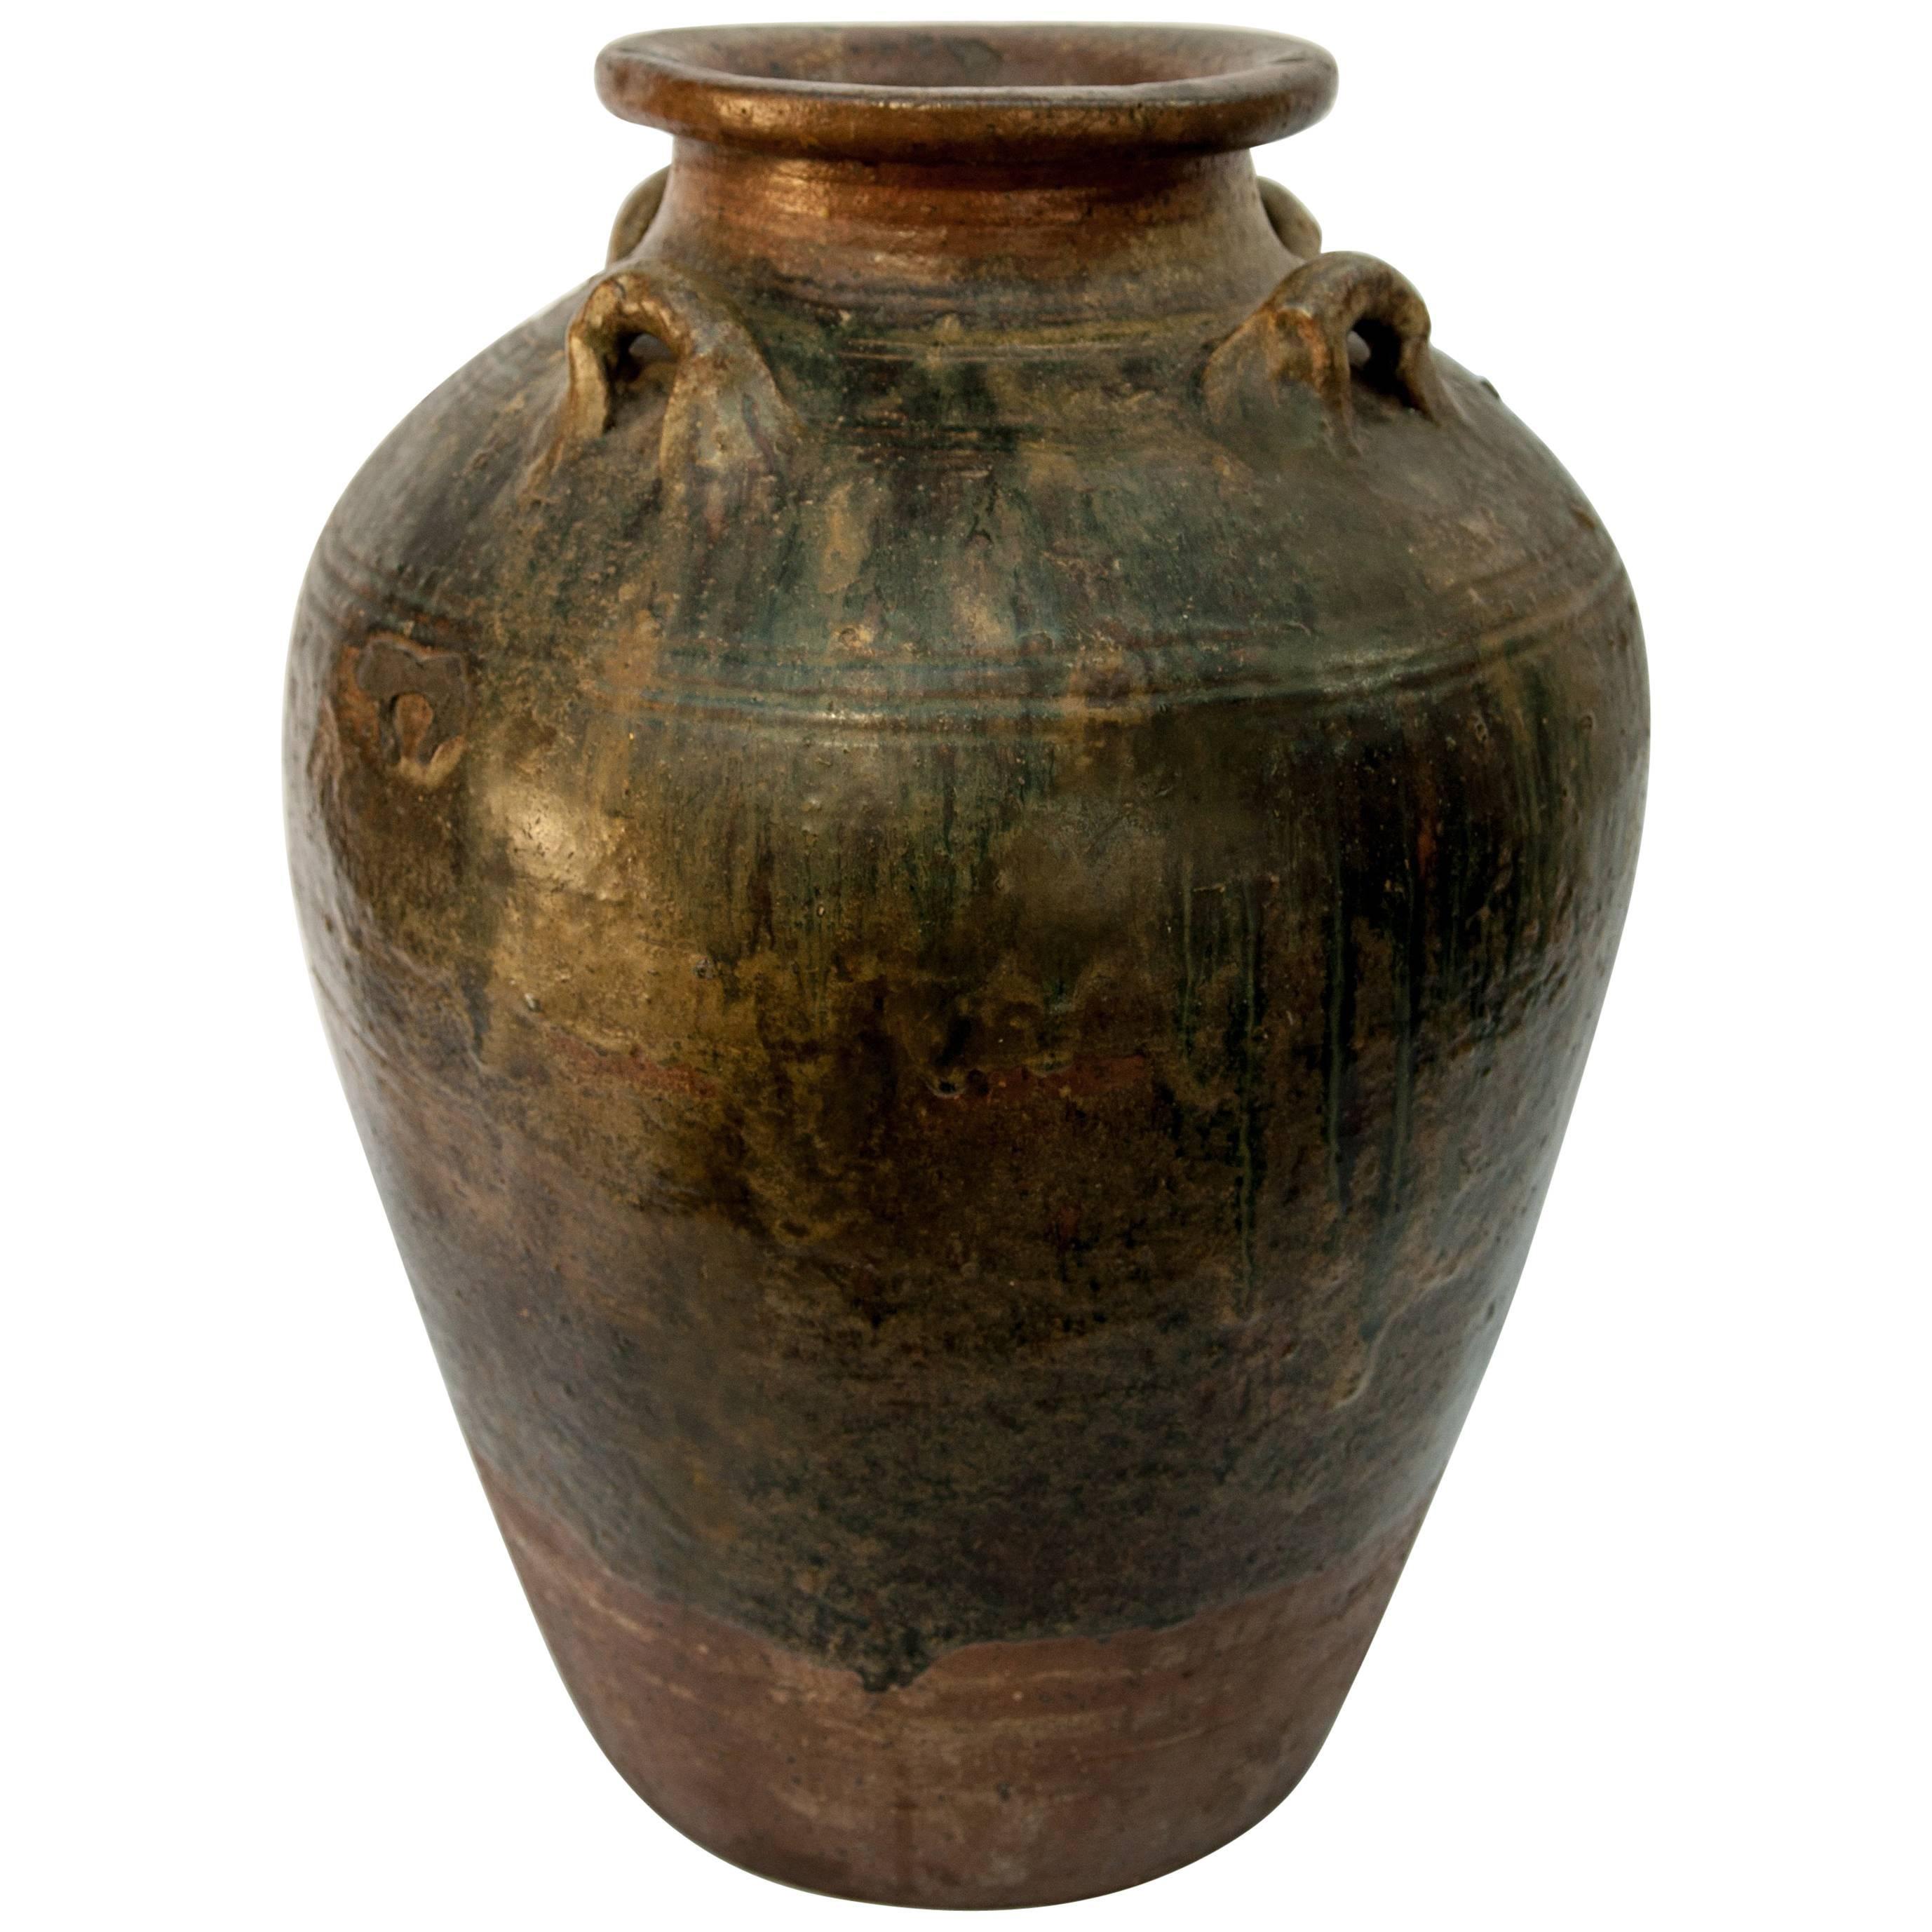 Martaban Ware Stoneware Storage Jar, Running Glaze, Ming Dynasty, Found in Laos